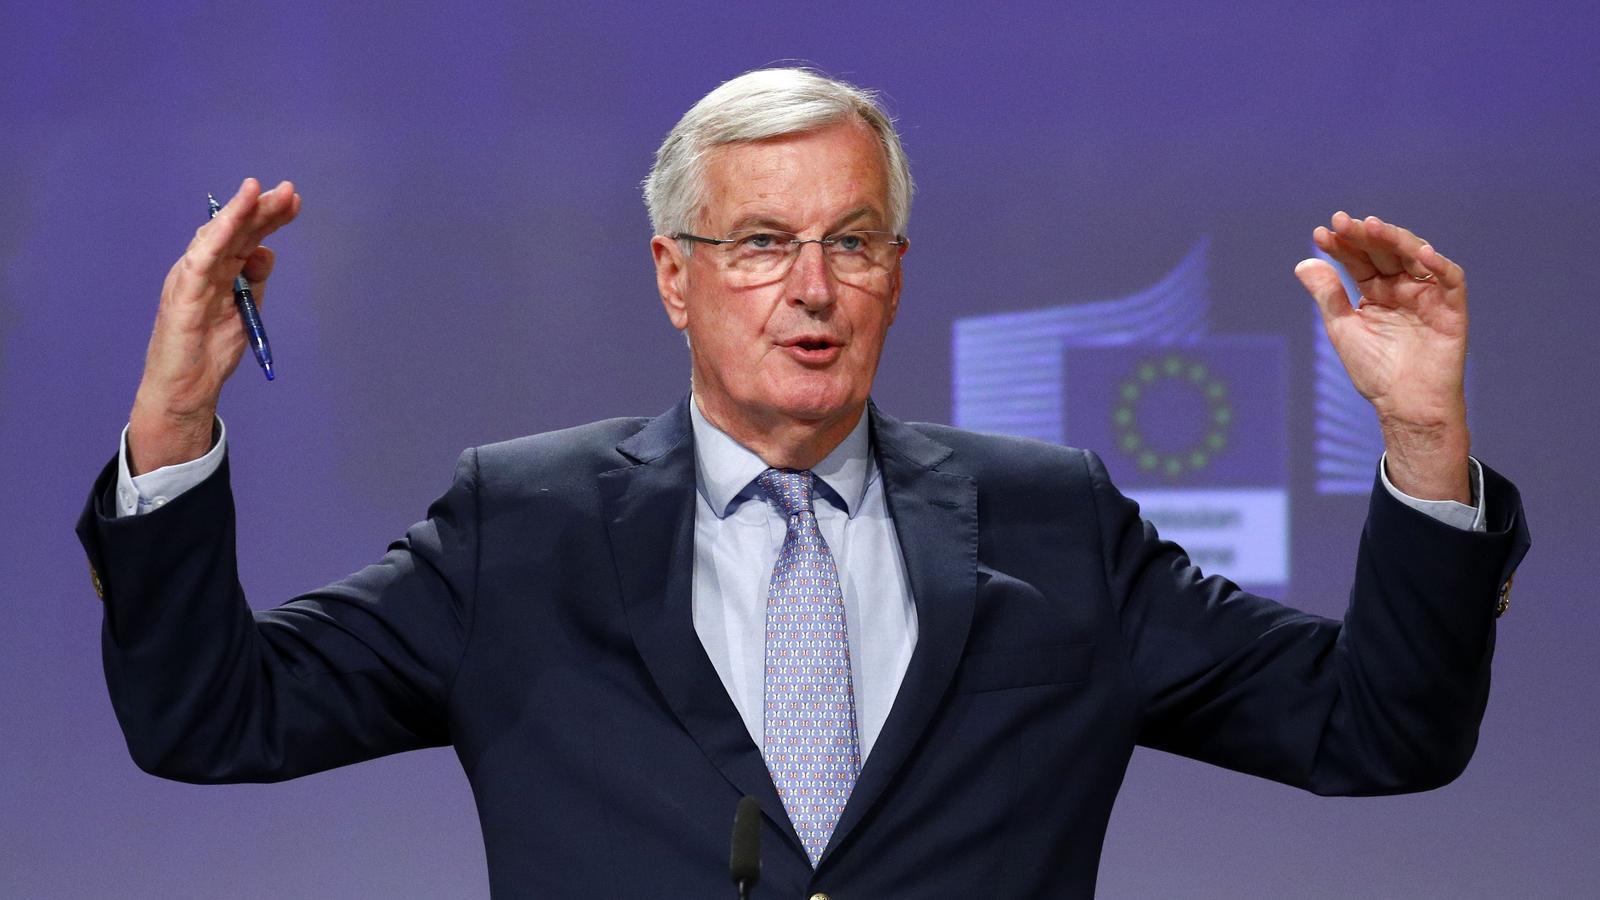 La nova negociació del post-Brexit frustra Londres i Brussel·les